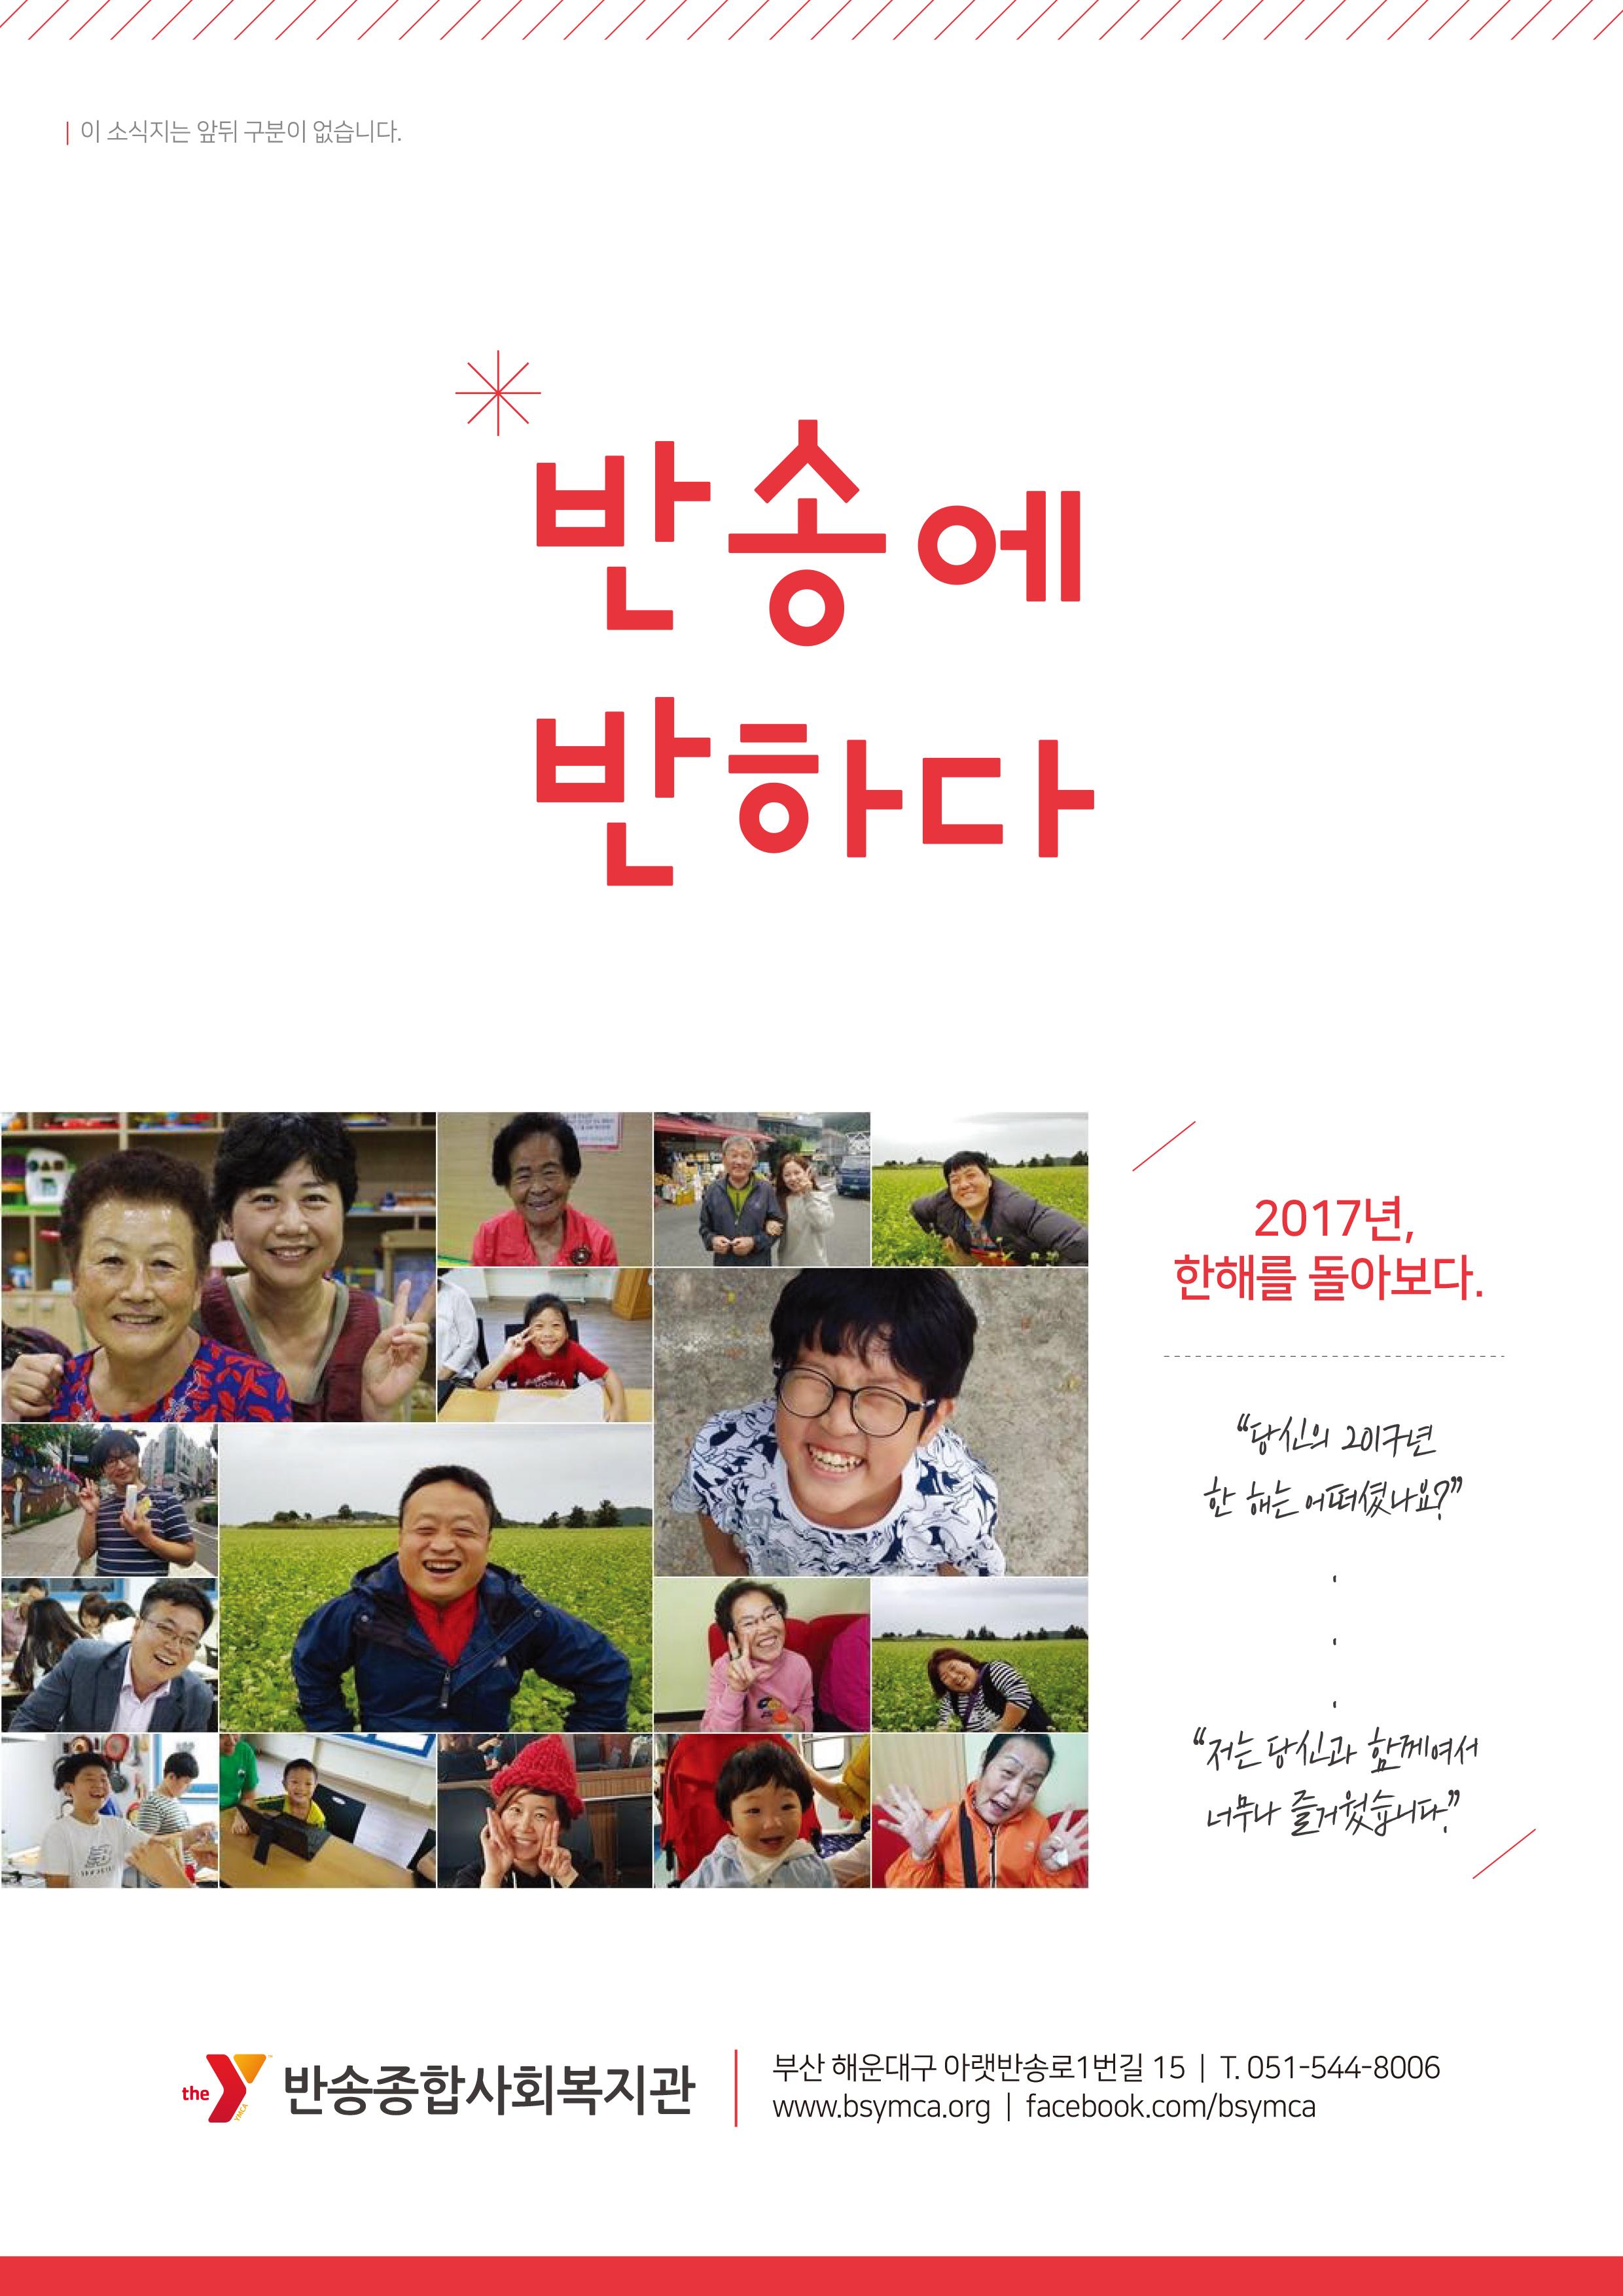 반송종합사회복지관연간소식지(2017)-1.jpg